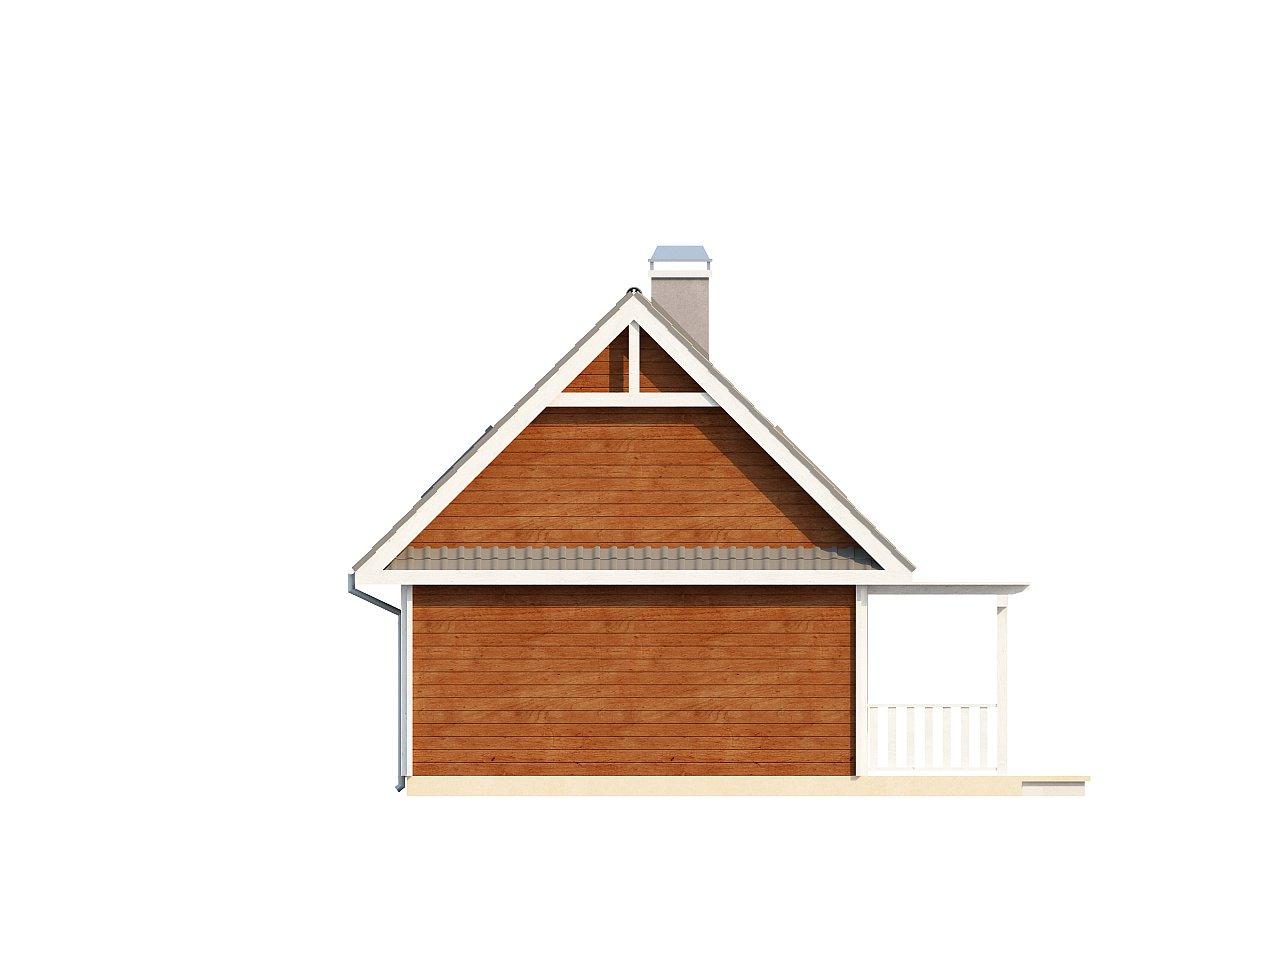 Маленький, уютный дом с мансардой, двускатной крышей и c фронтальной террасой. - фото 14